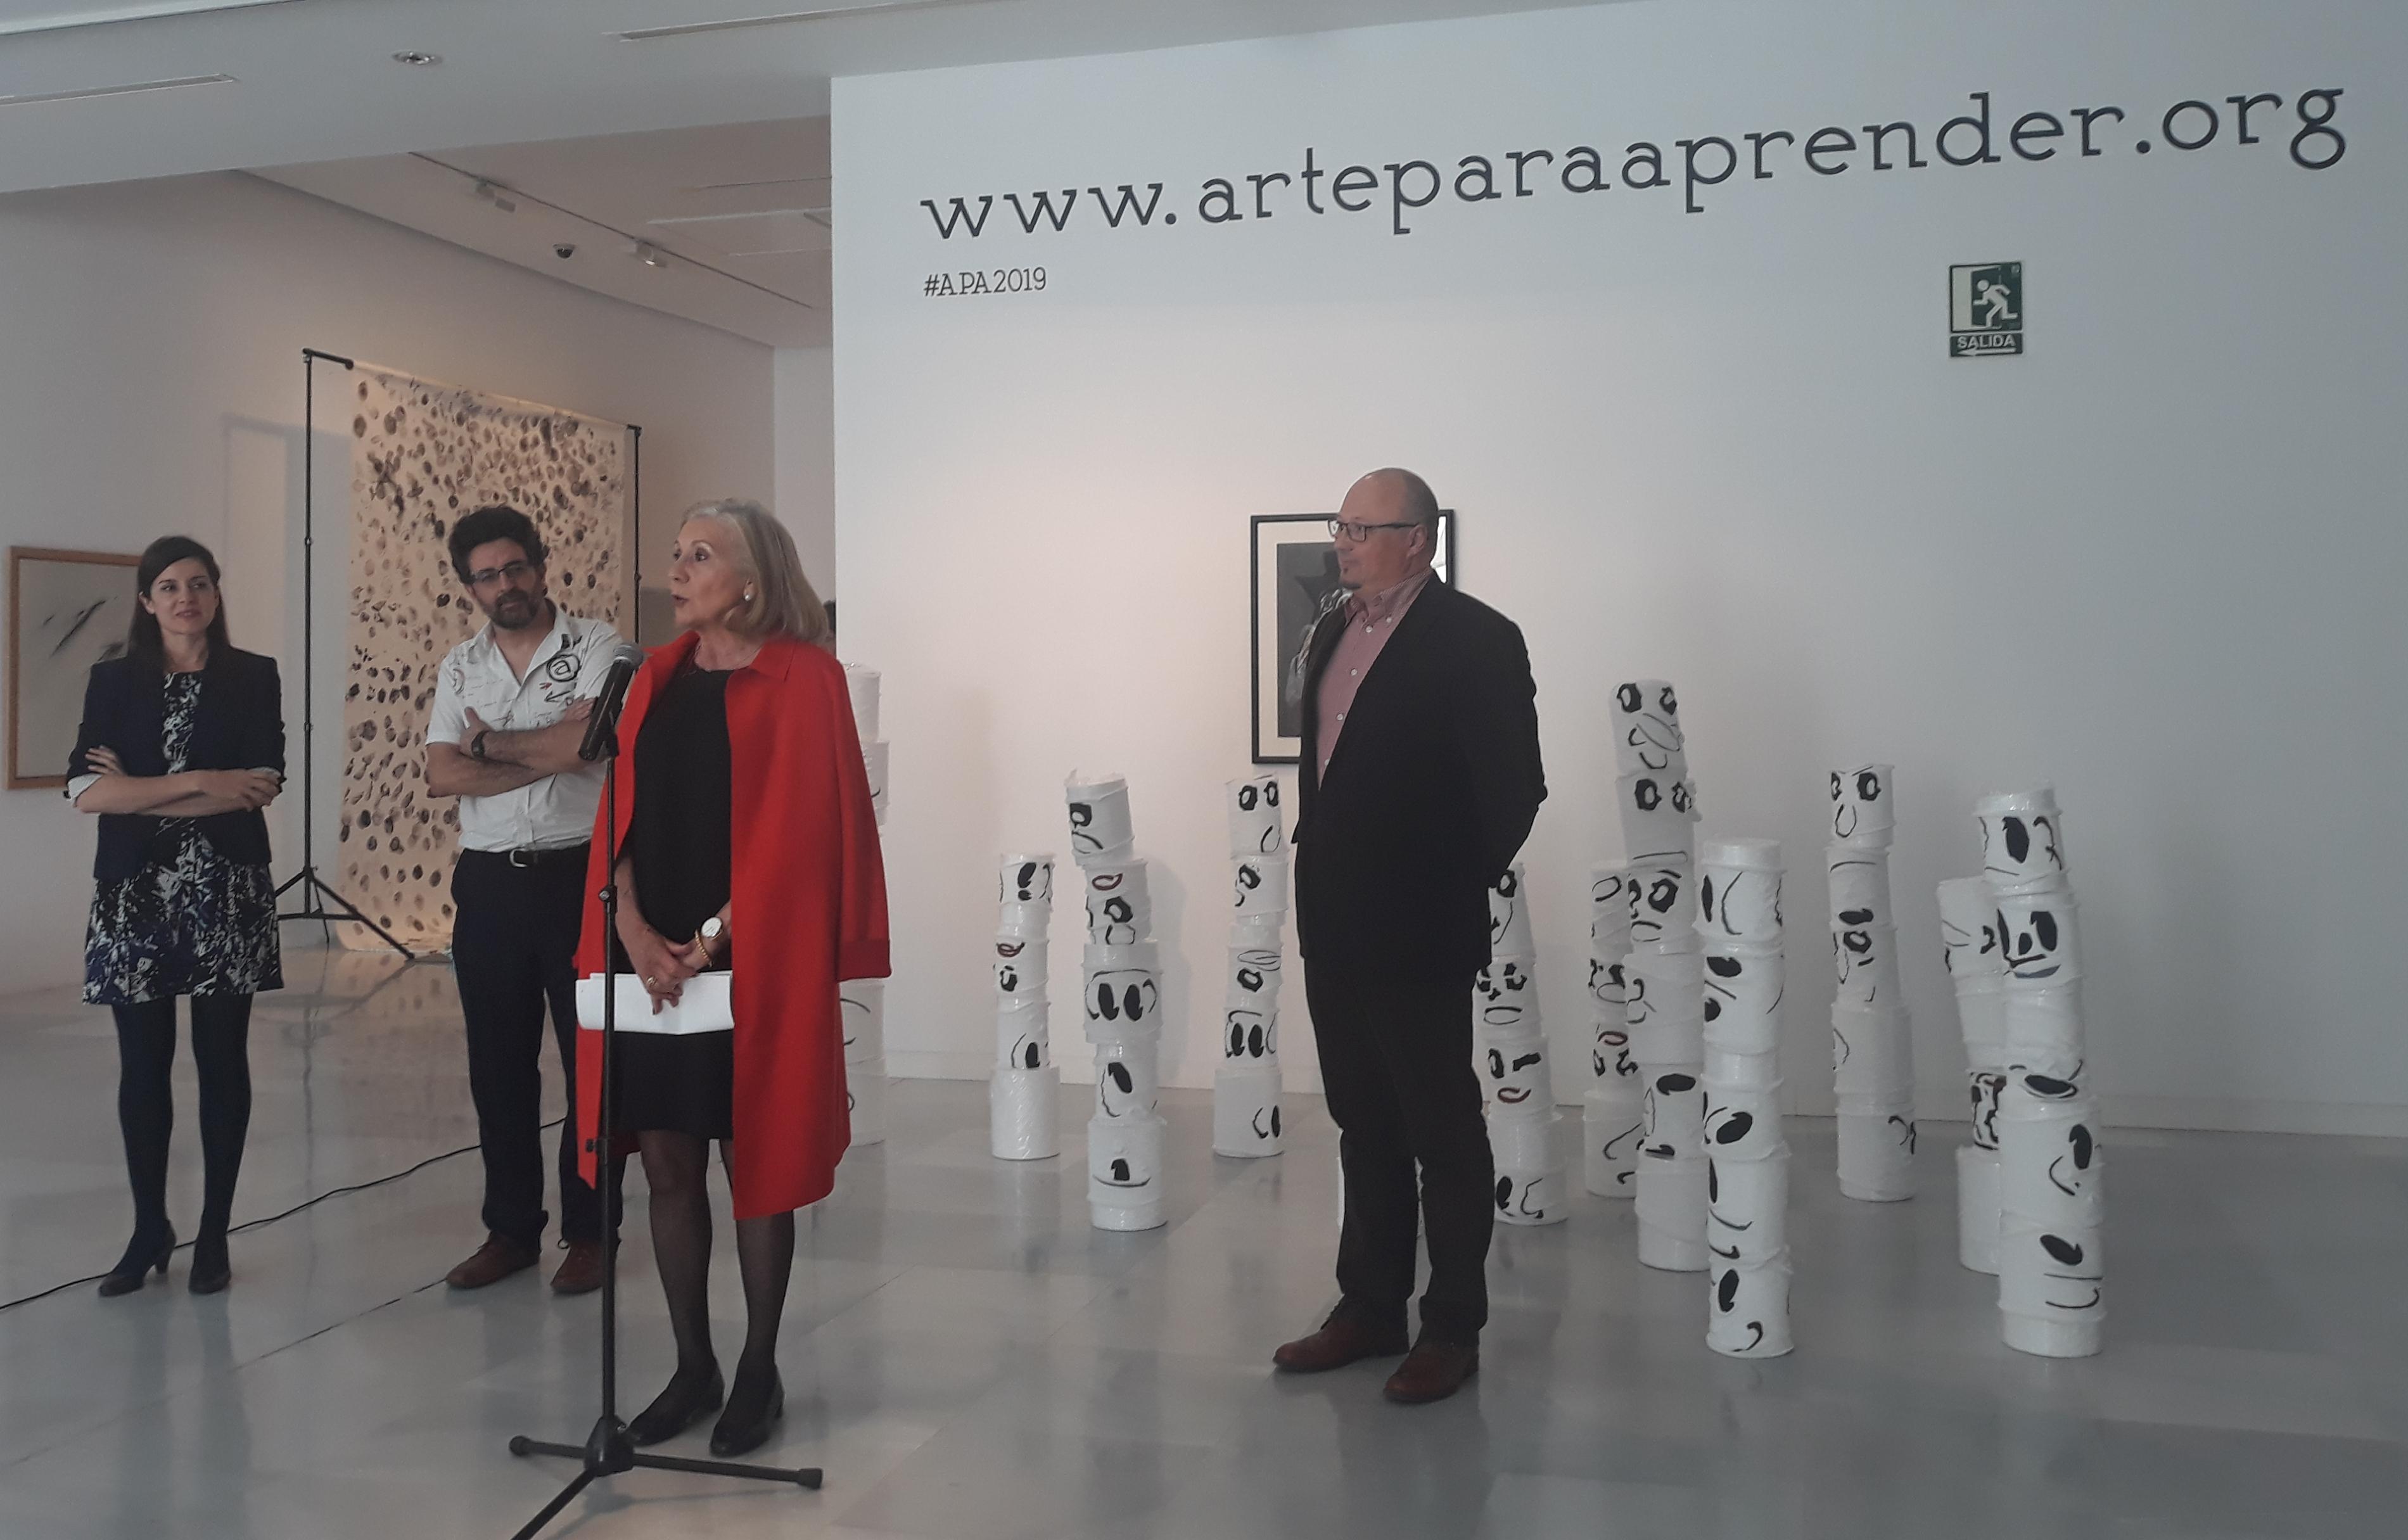 Los visitantes son artistas en la VII edición de 'Arte para aprender'